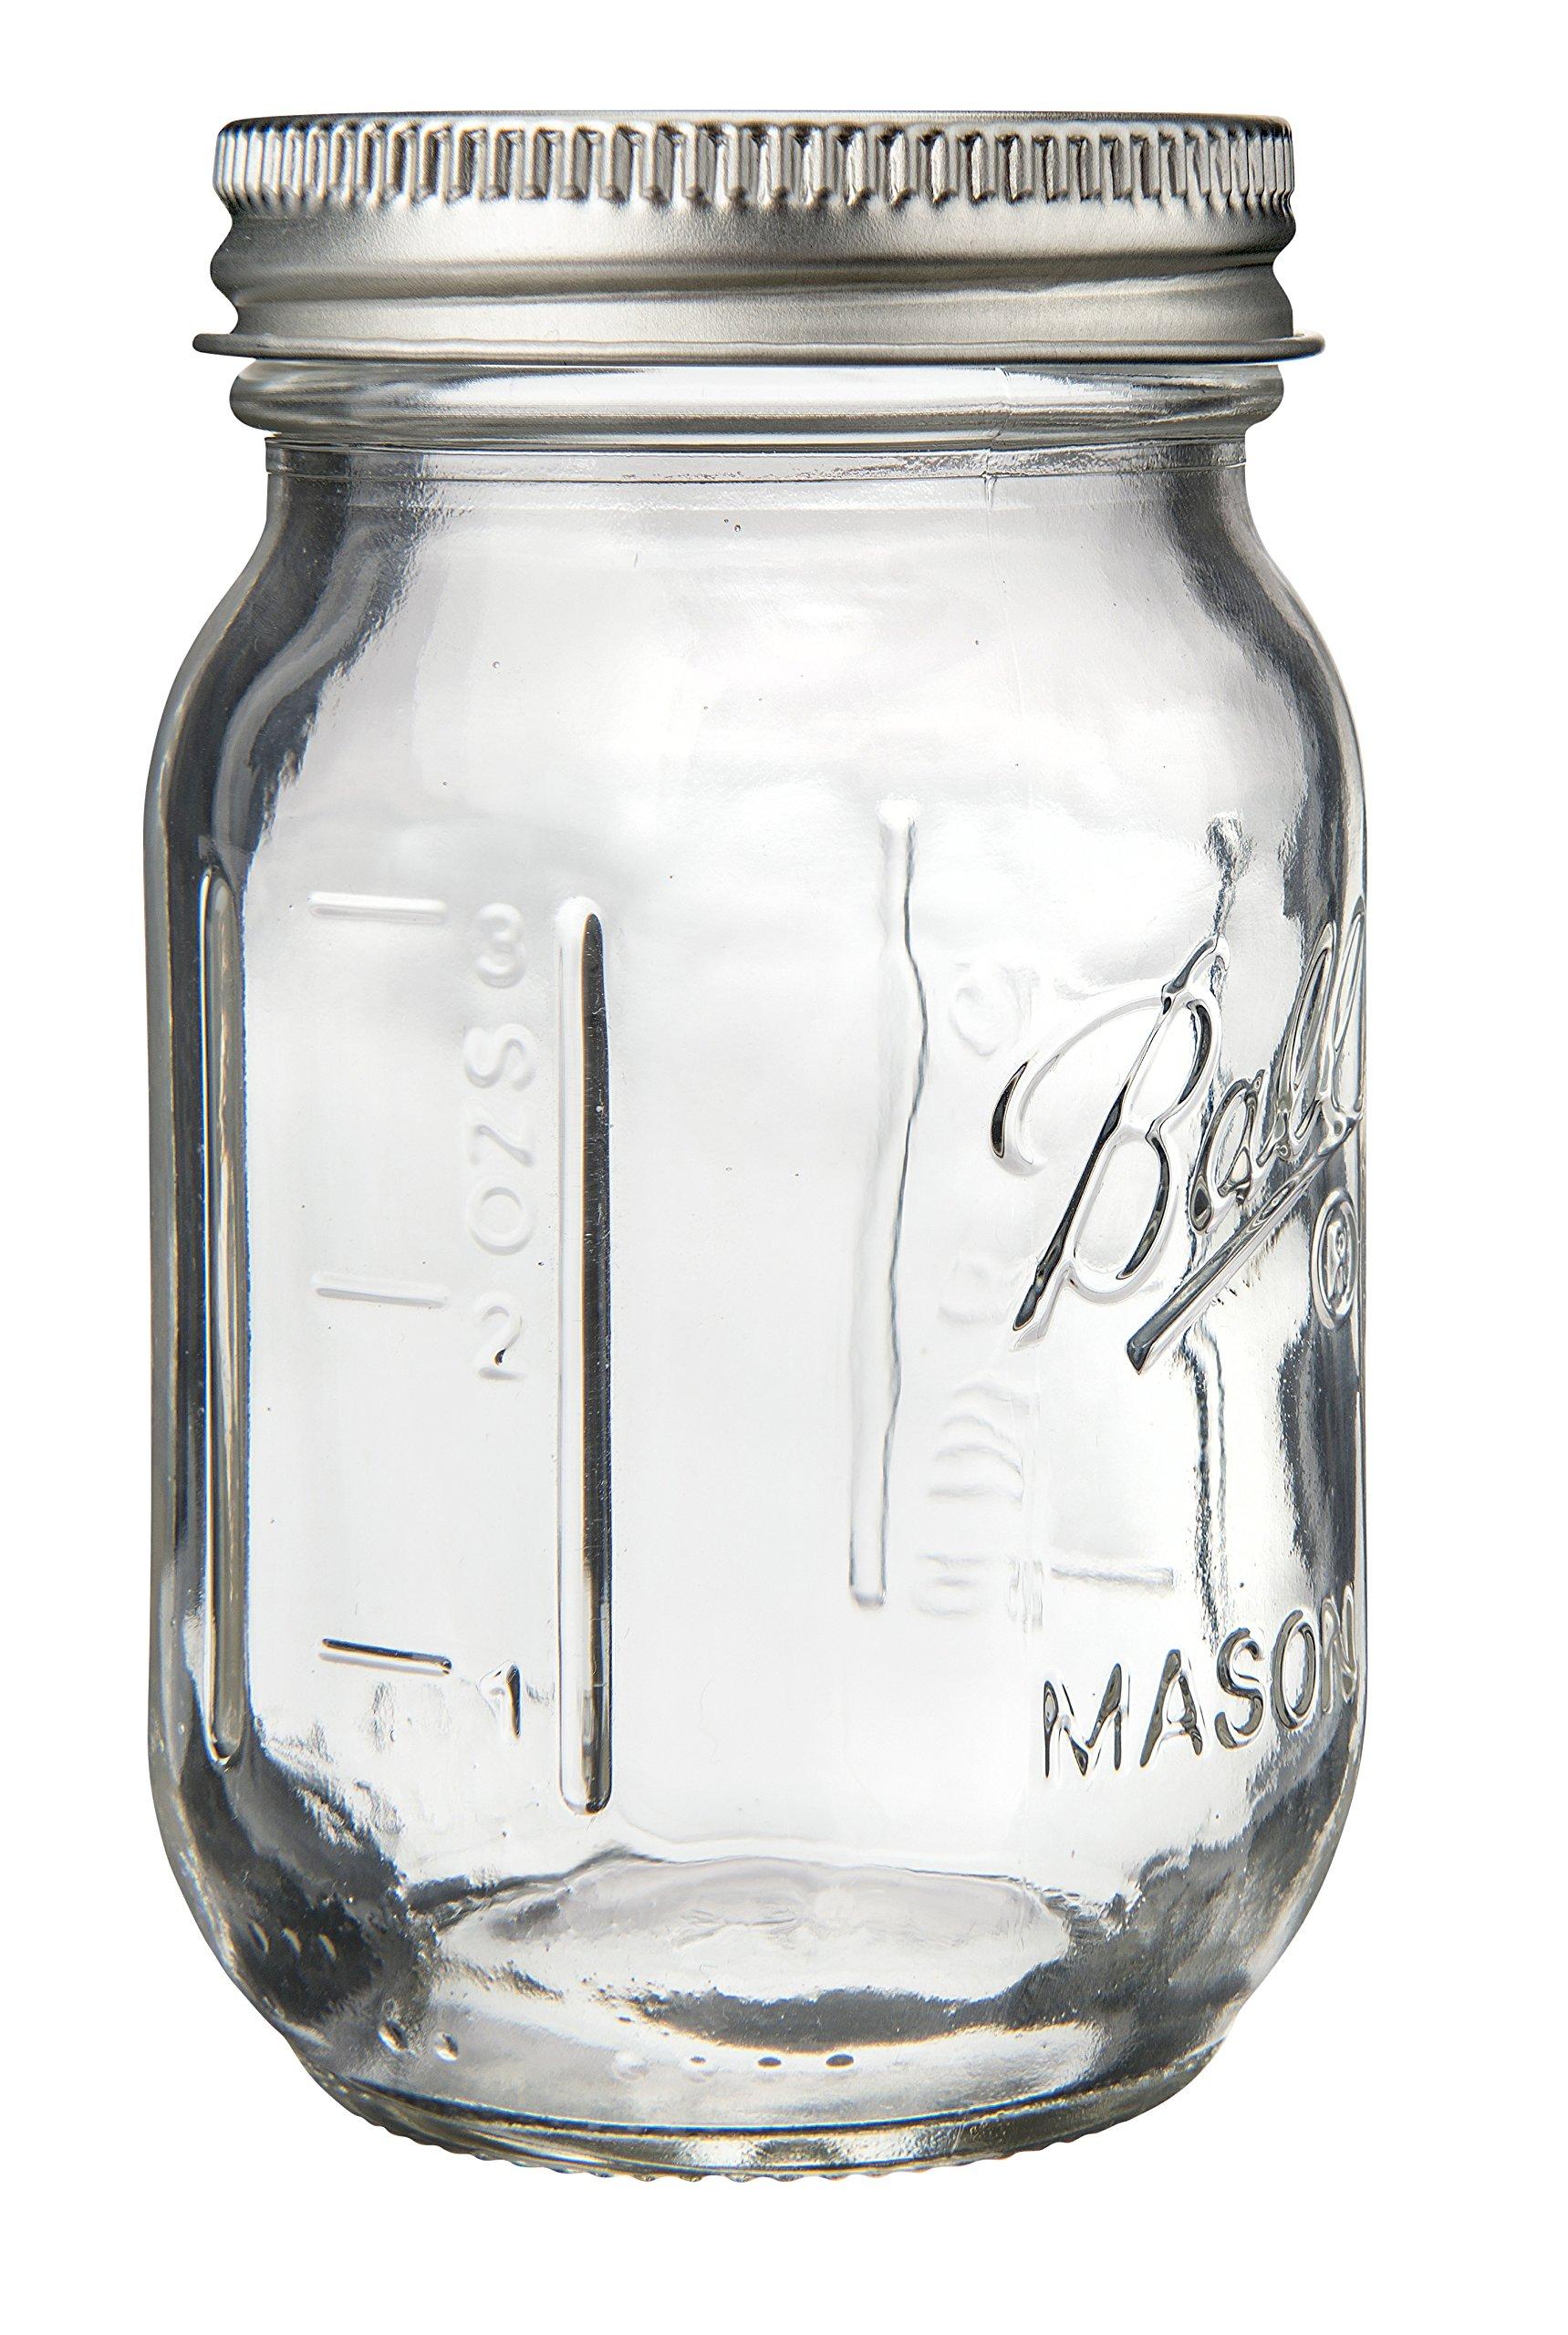 Ball 1440080100 Miniature Storage Jar Mini Jar 4 Oz Miniature Storage Jar, 24 Jars,